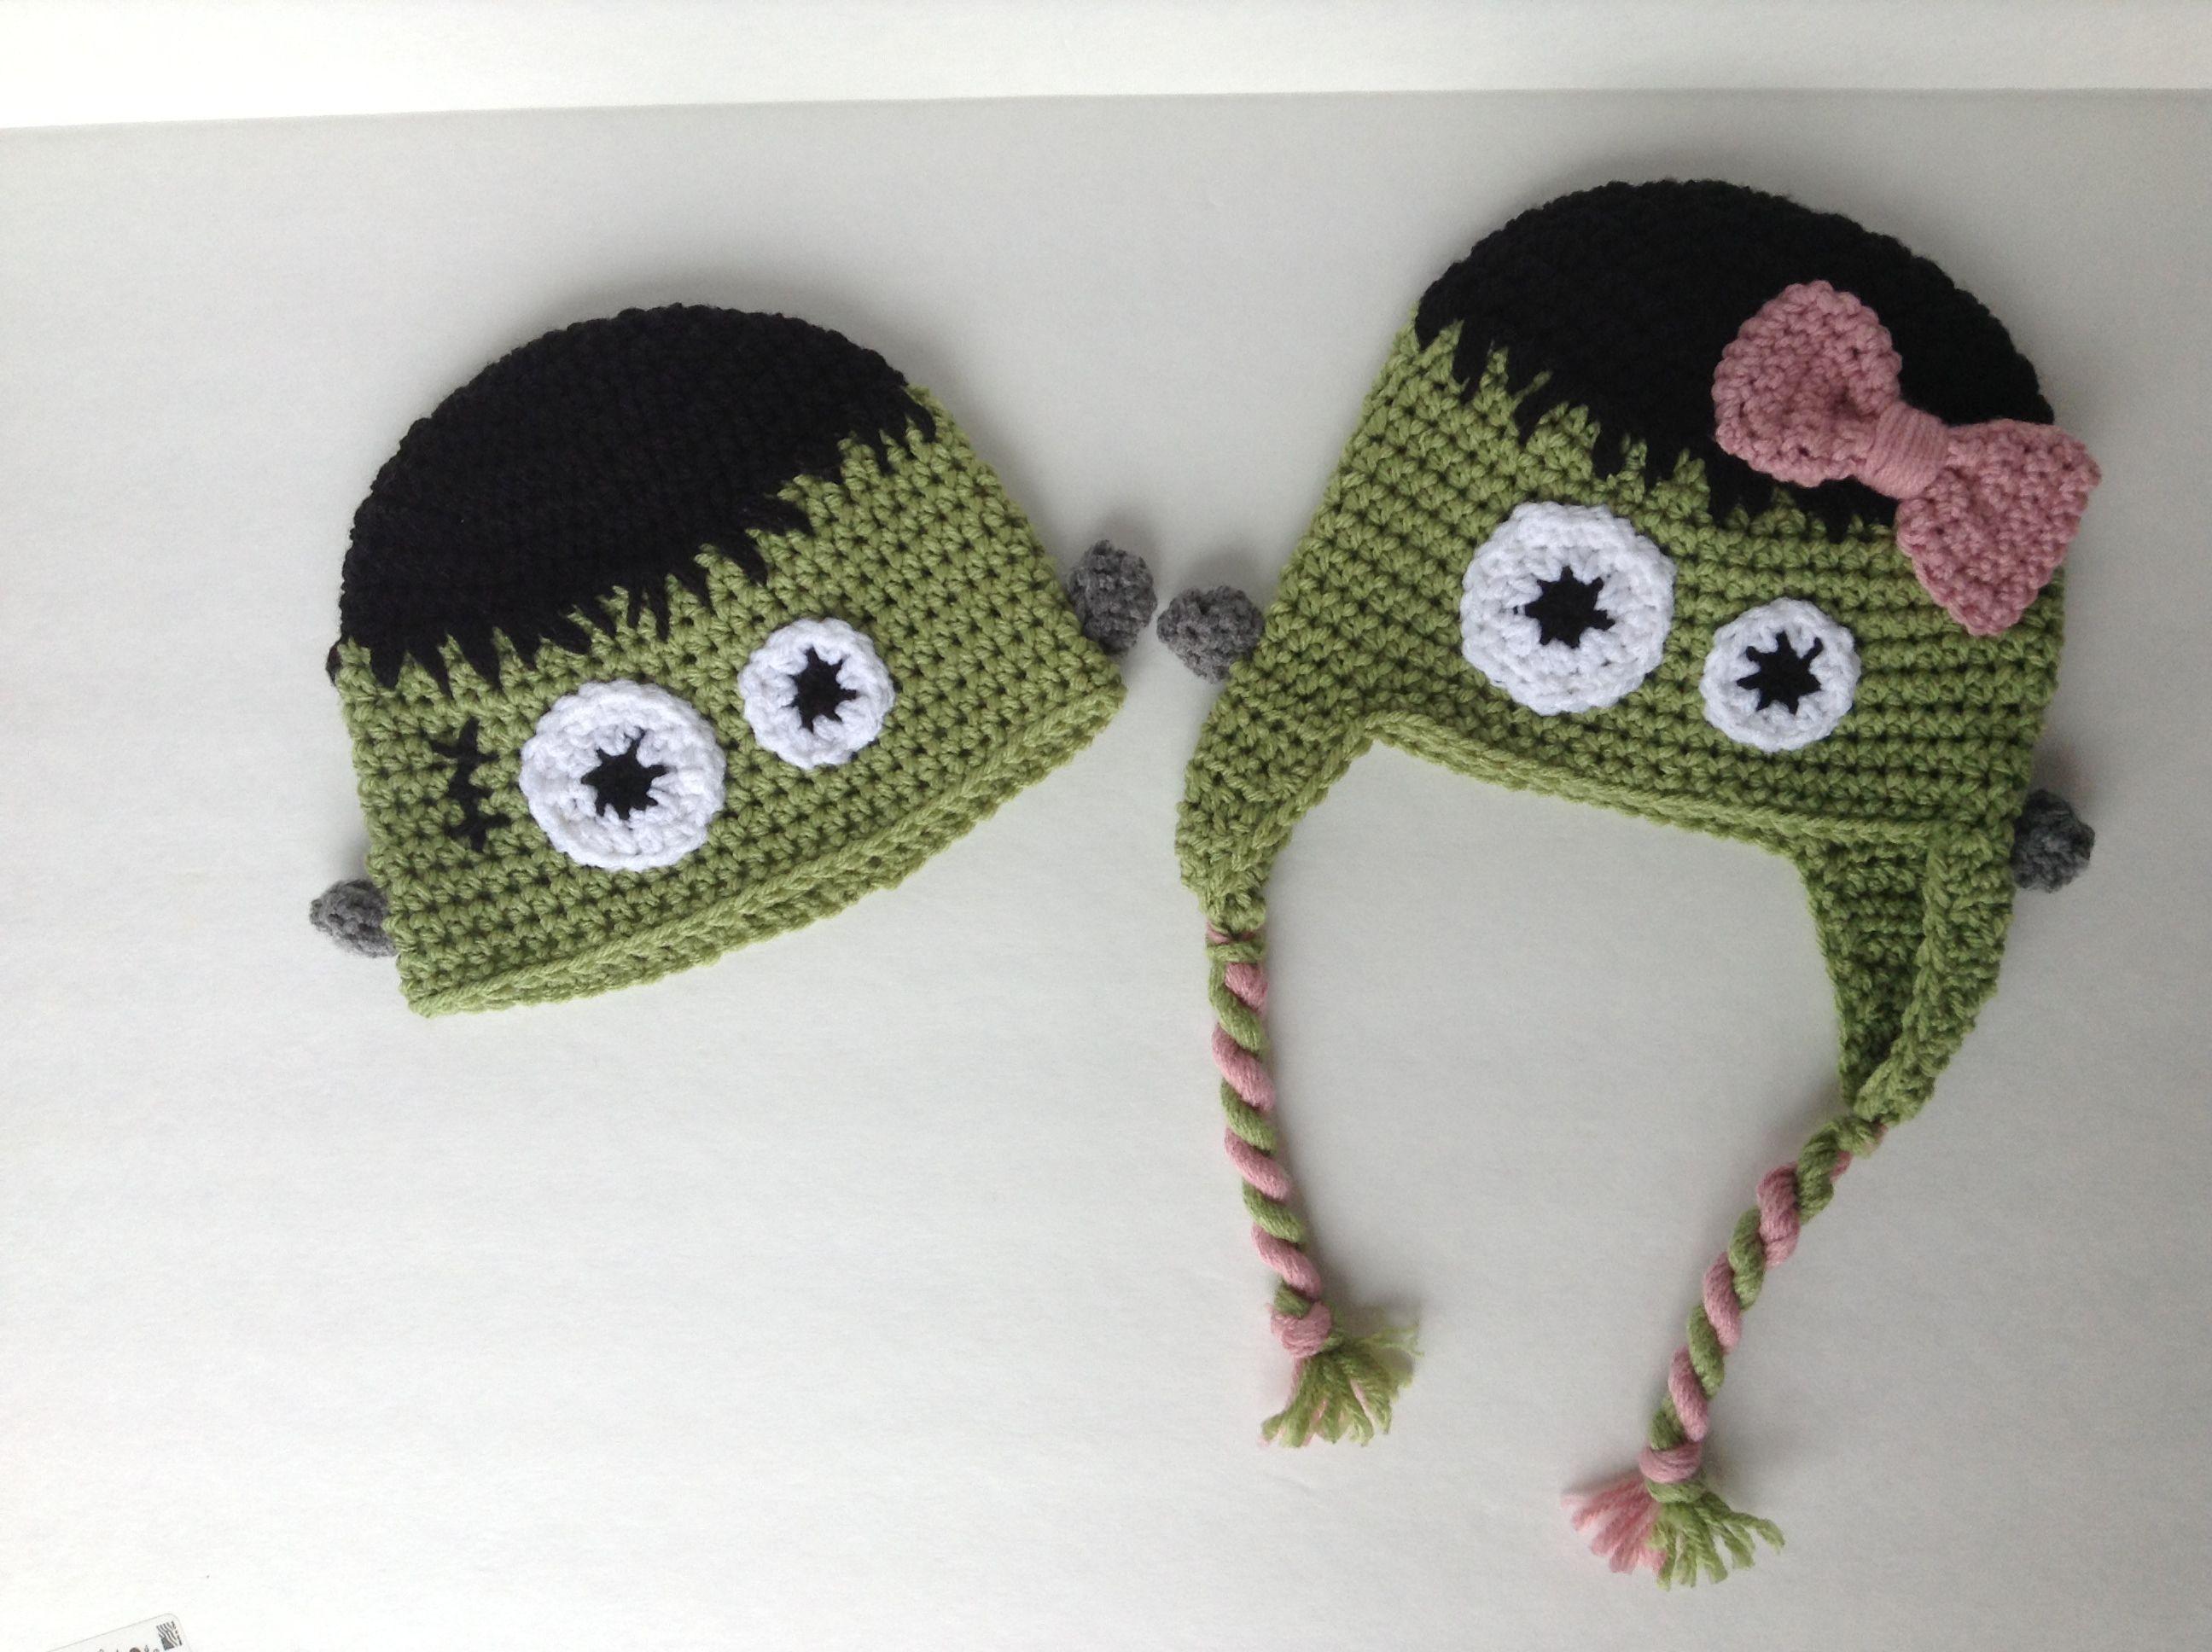 Crochet Character hat Craze! | Gorros, Temporada de lluvias y Lluvia